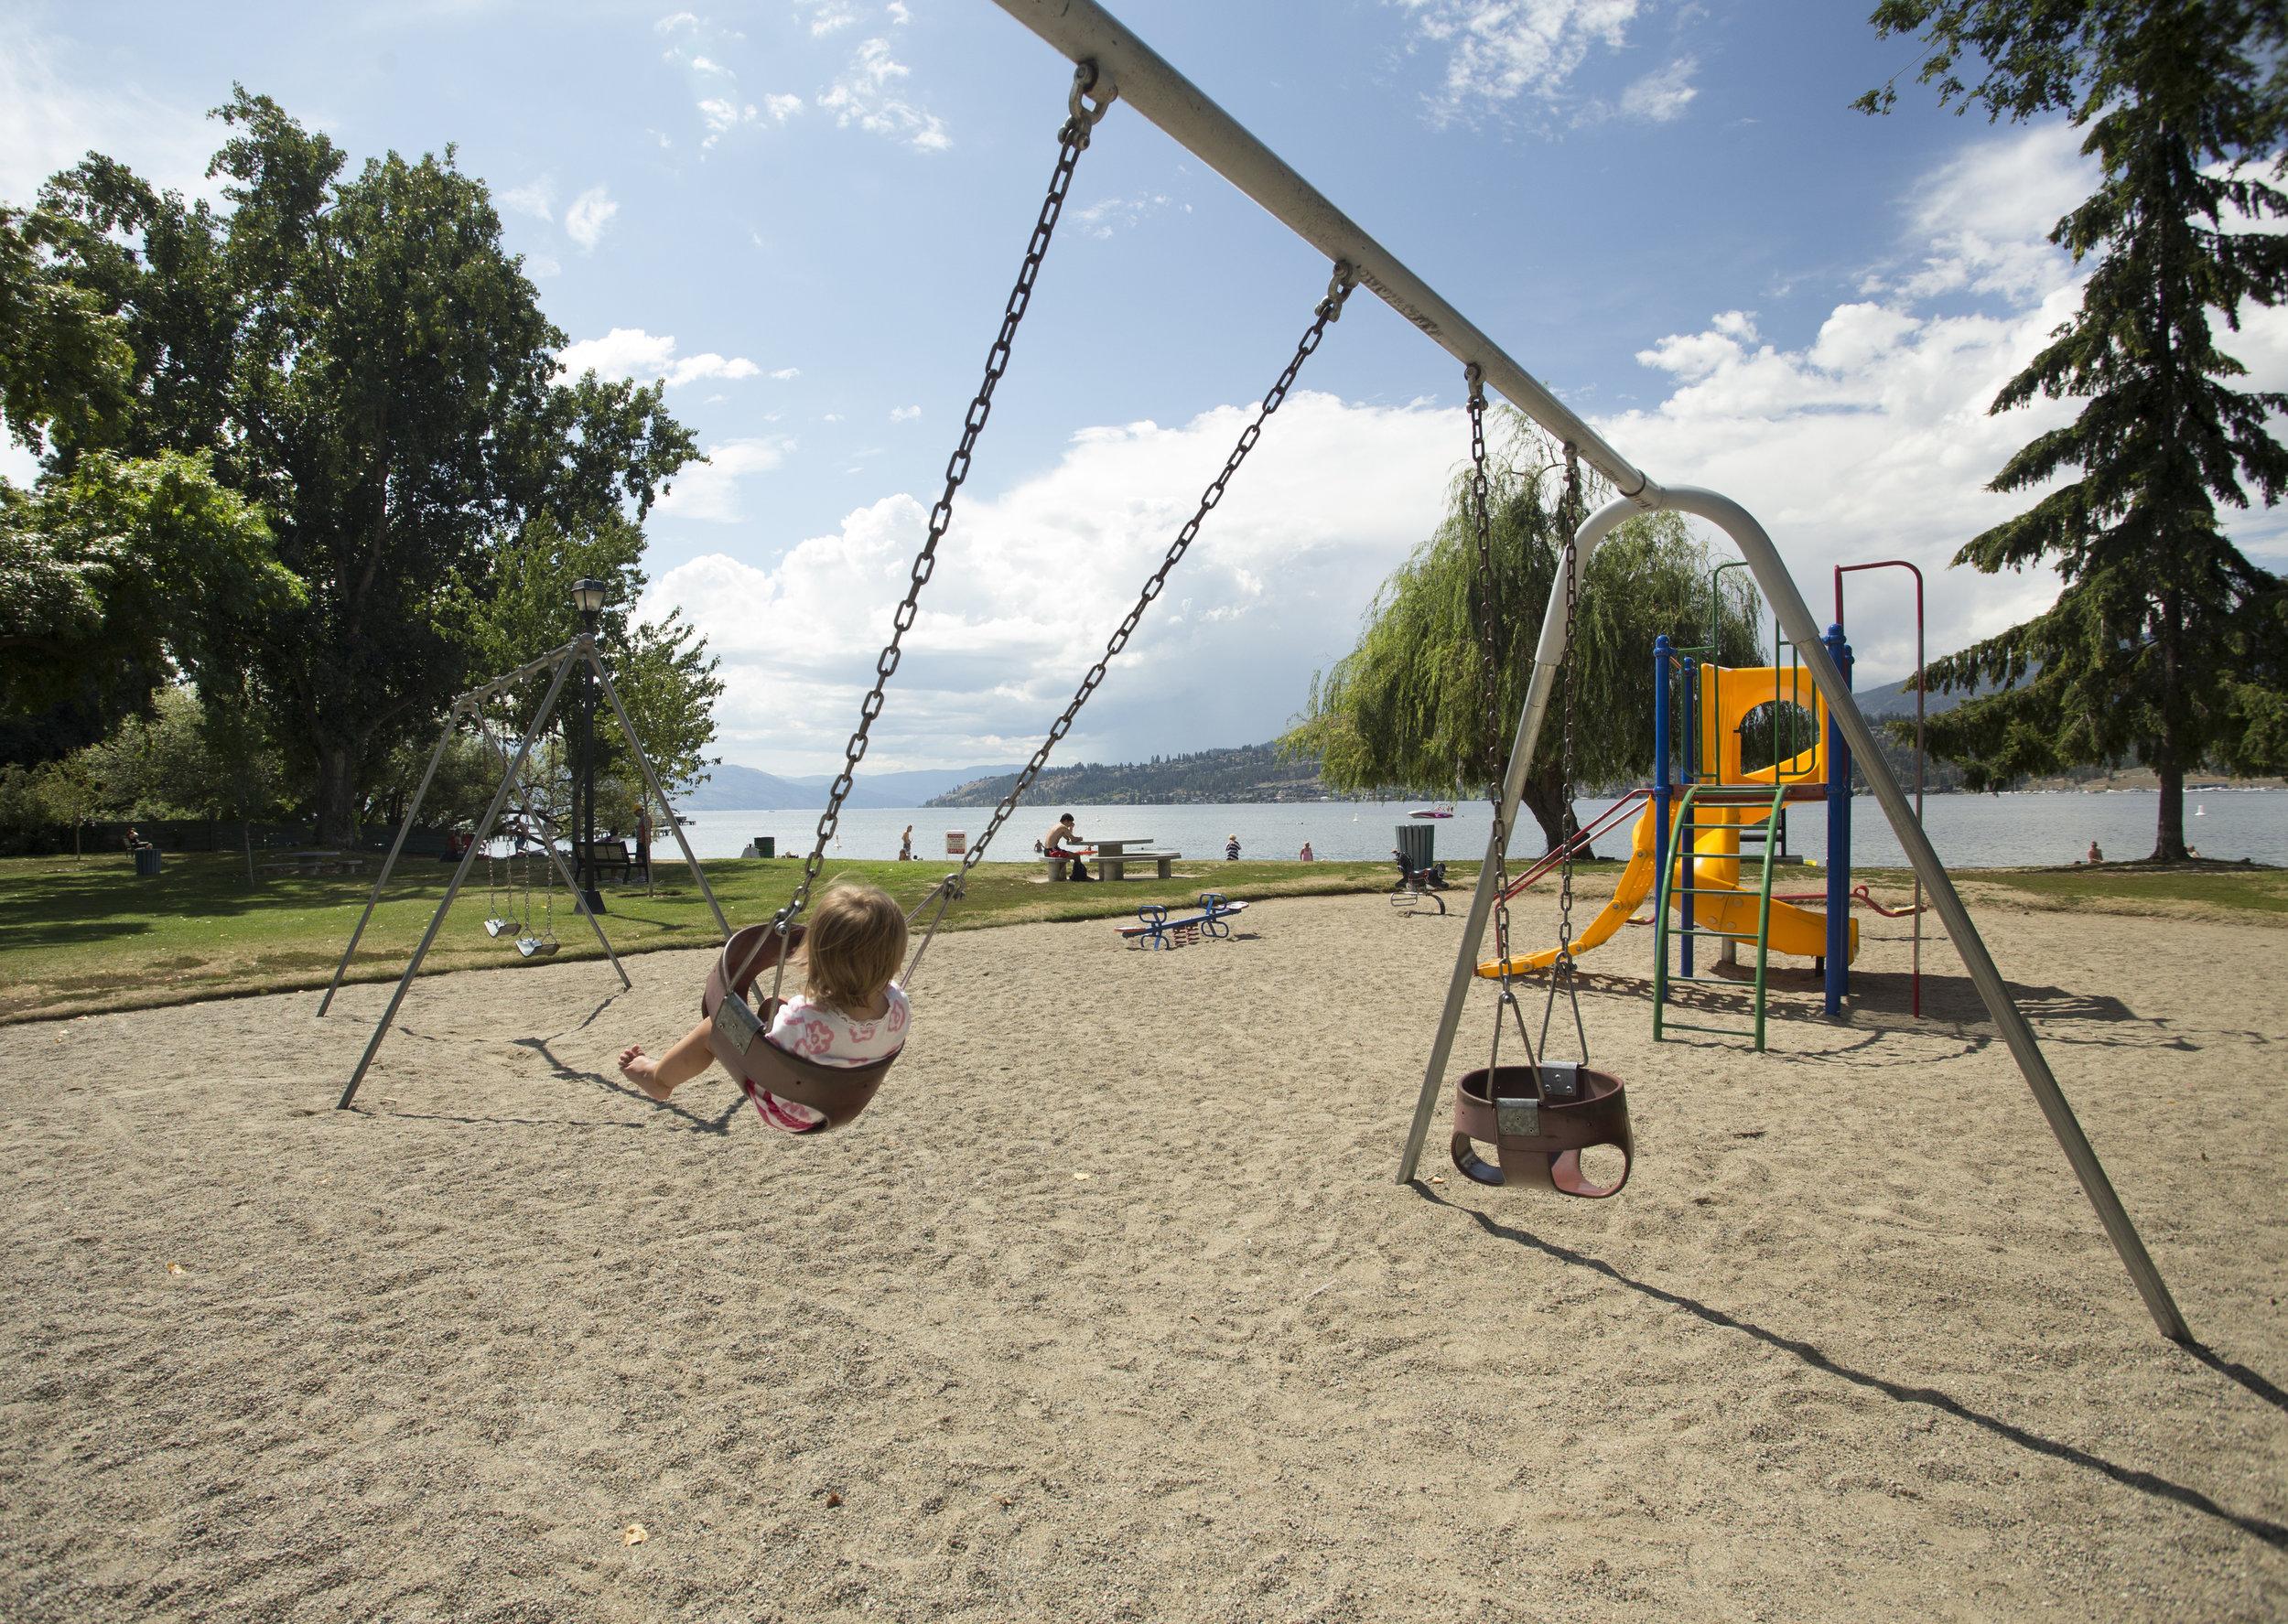 Swings-at-Strathcona-Park-414a88725056a36_414a8dff-5056-a36a-0b361959f9fc06a4.jpg